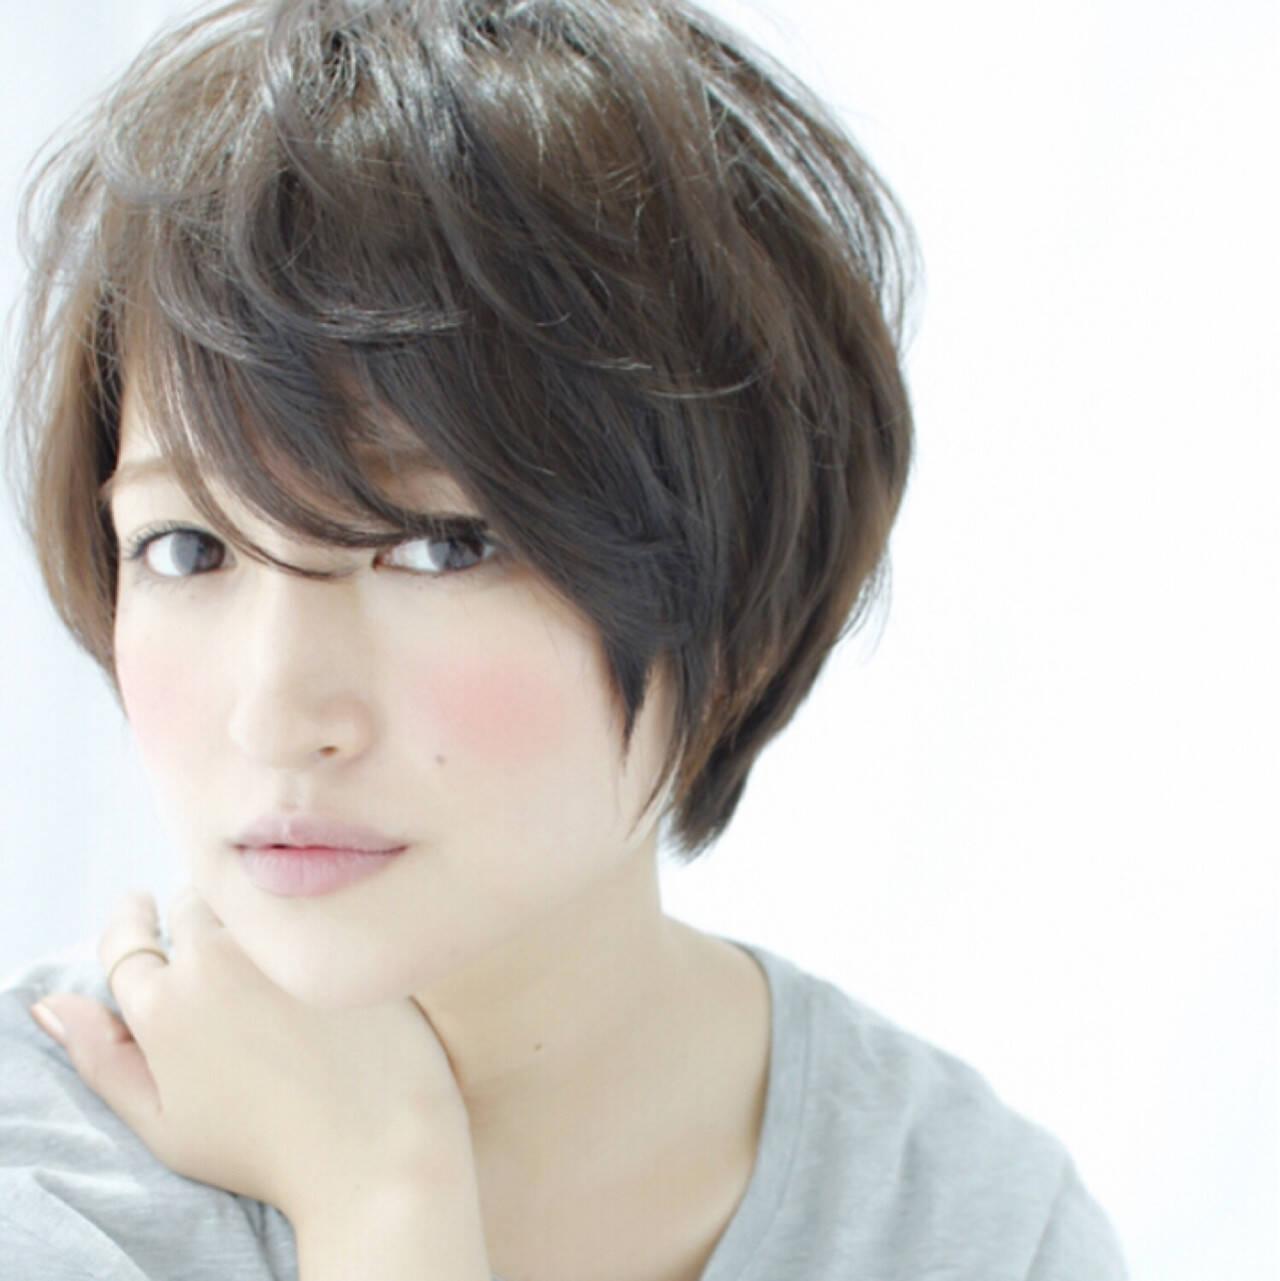 アッシュ こなれ感 大人女子 前髪ありヘアスタイルや髪型の写真・画像